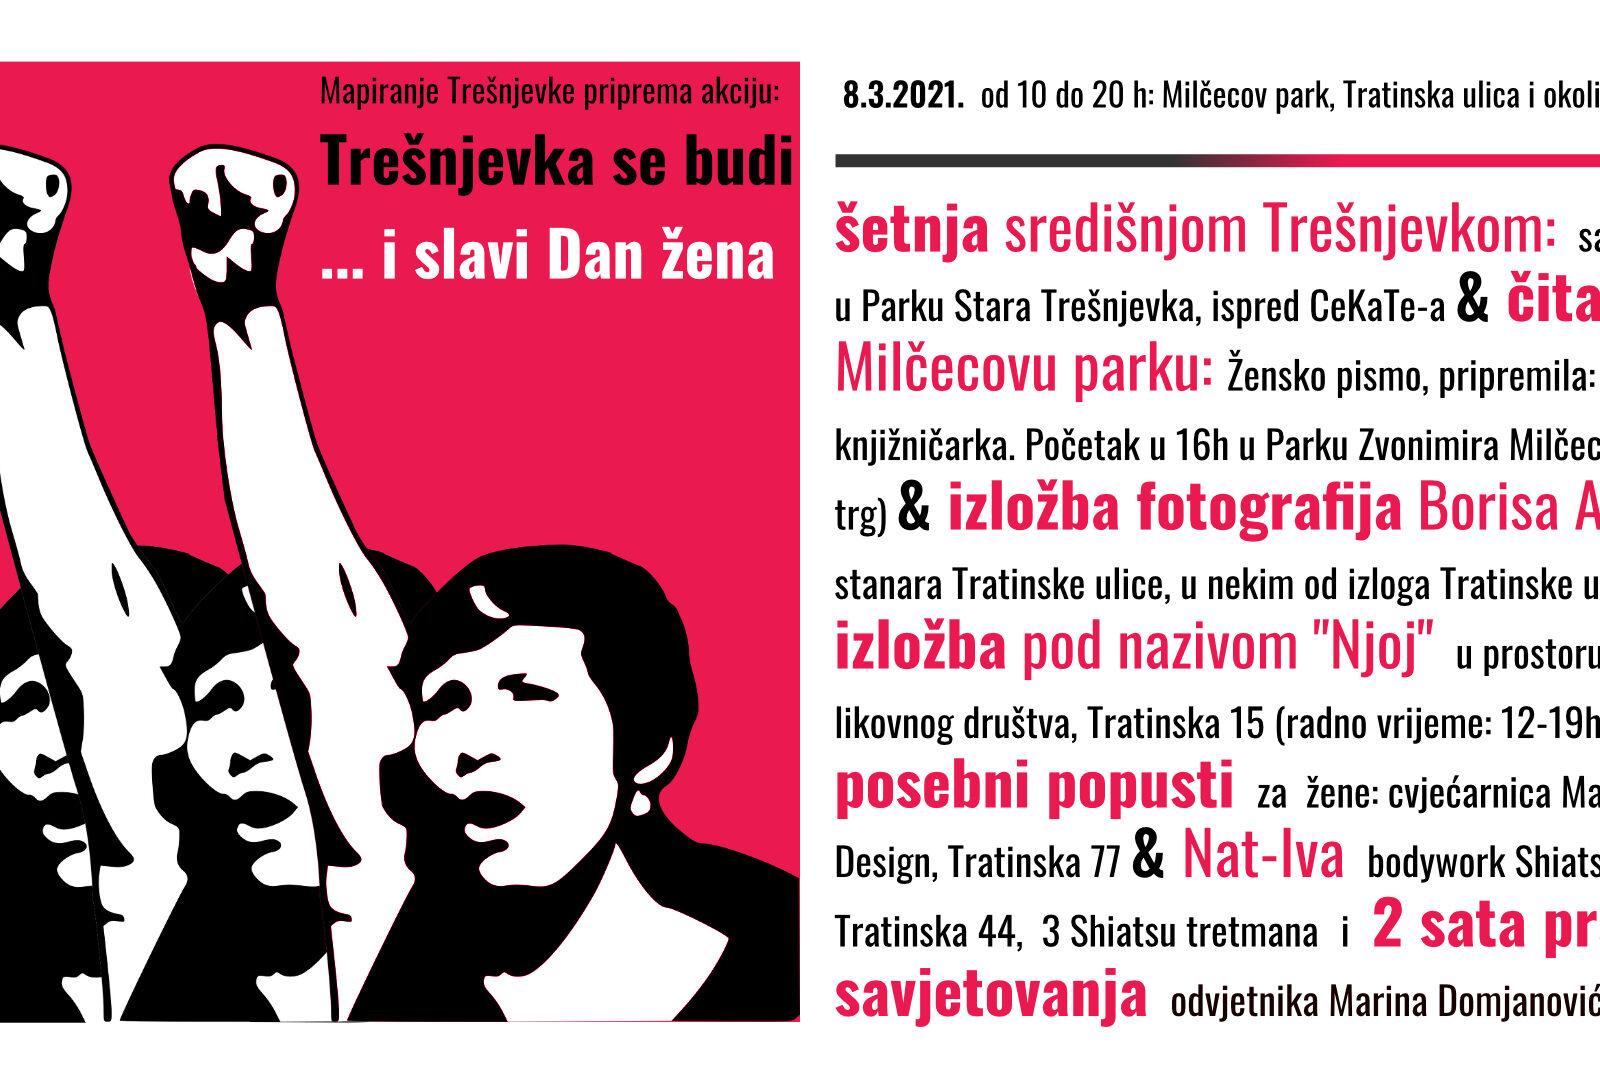 Akcija: Trešnjevka se budi…i slavi Dan žena